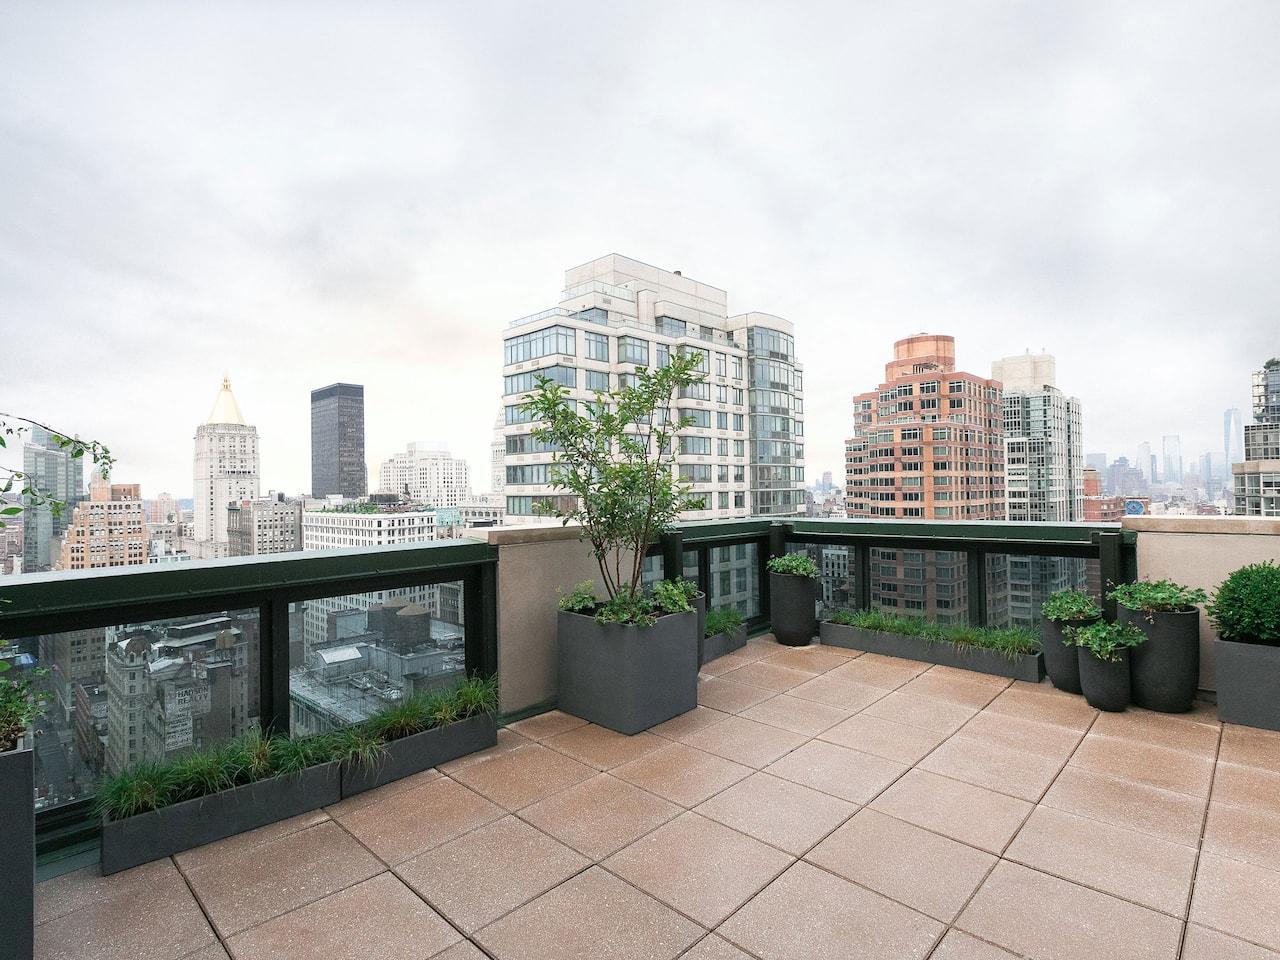 Hyatt House Rooftop